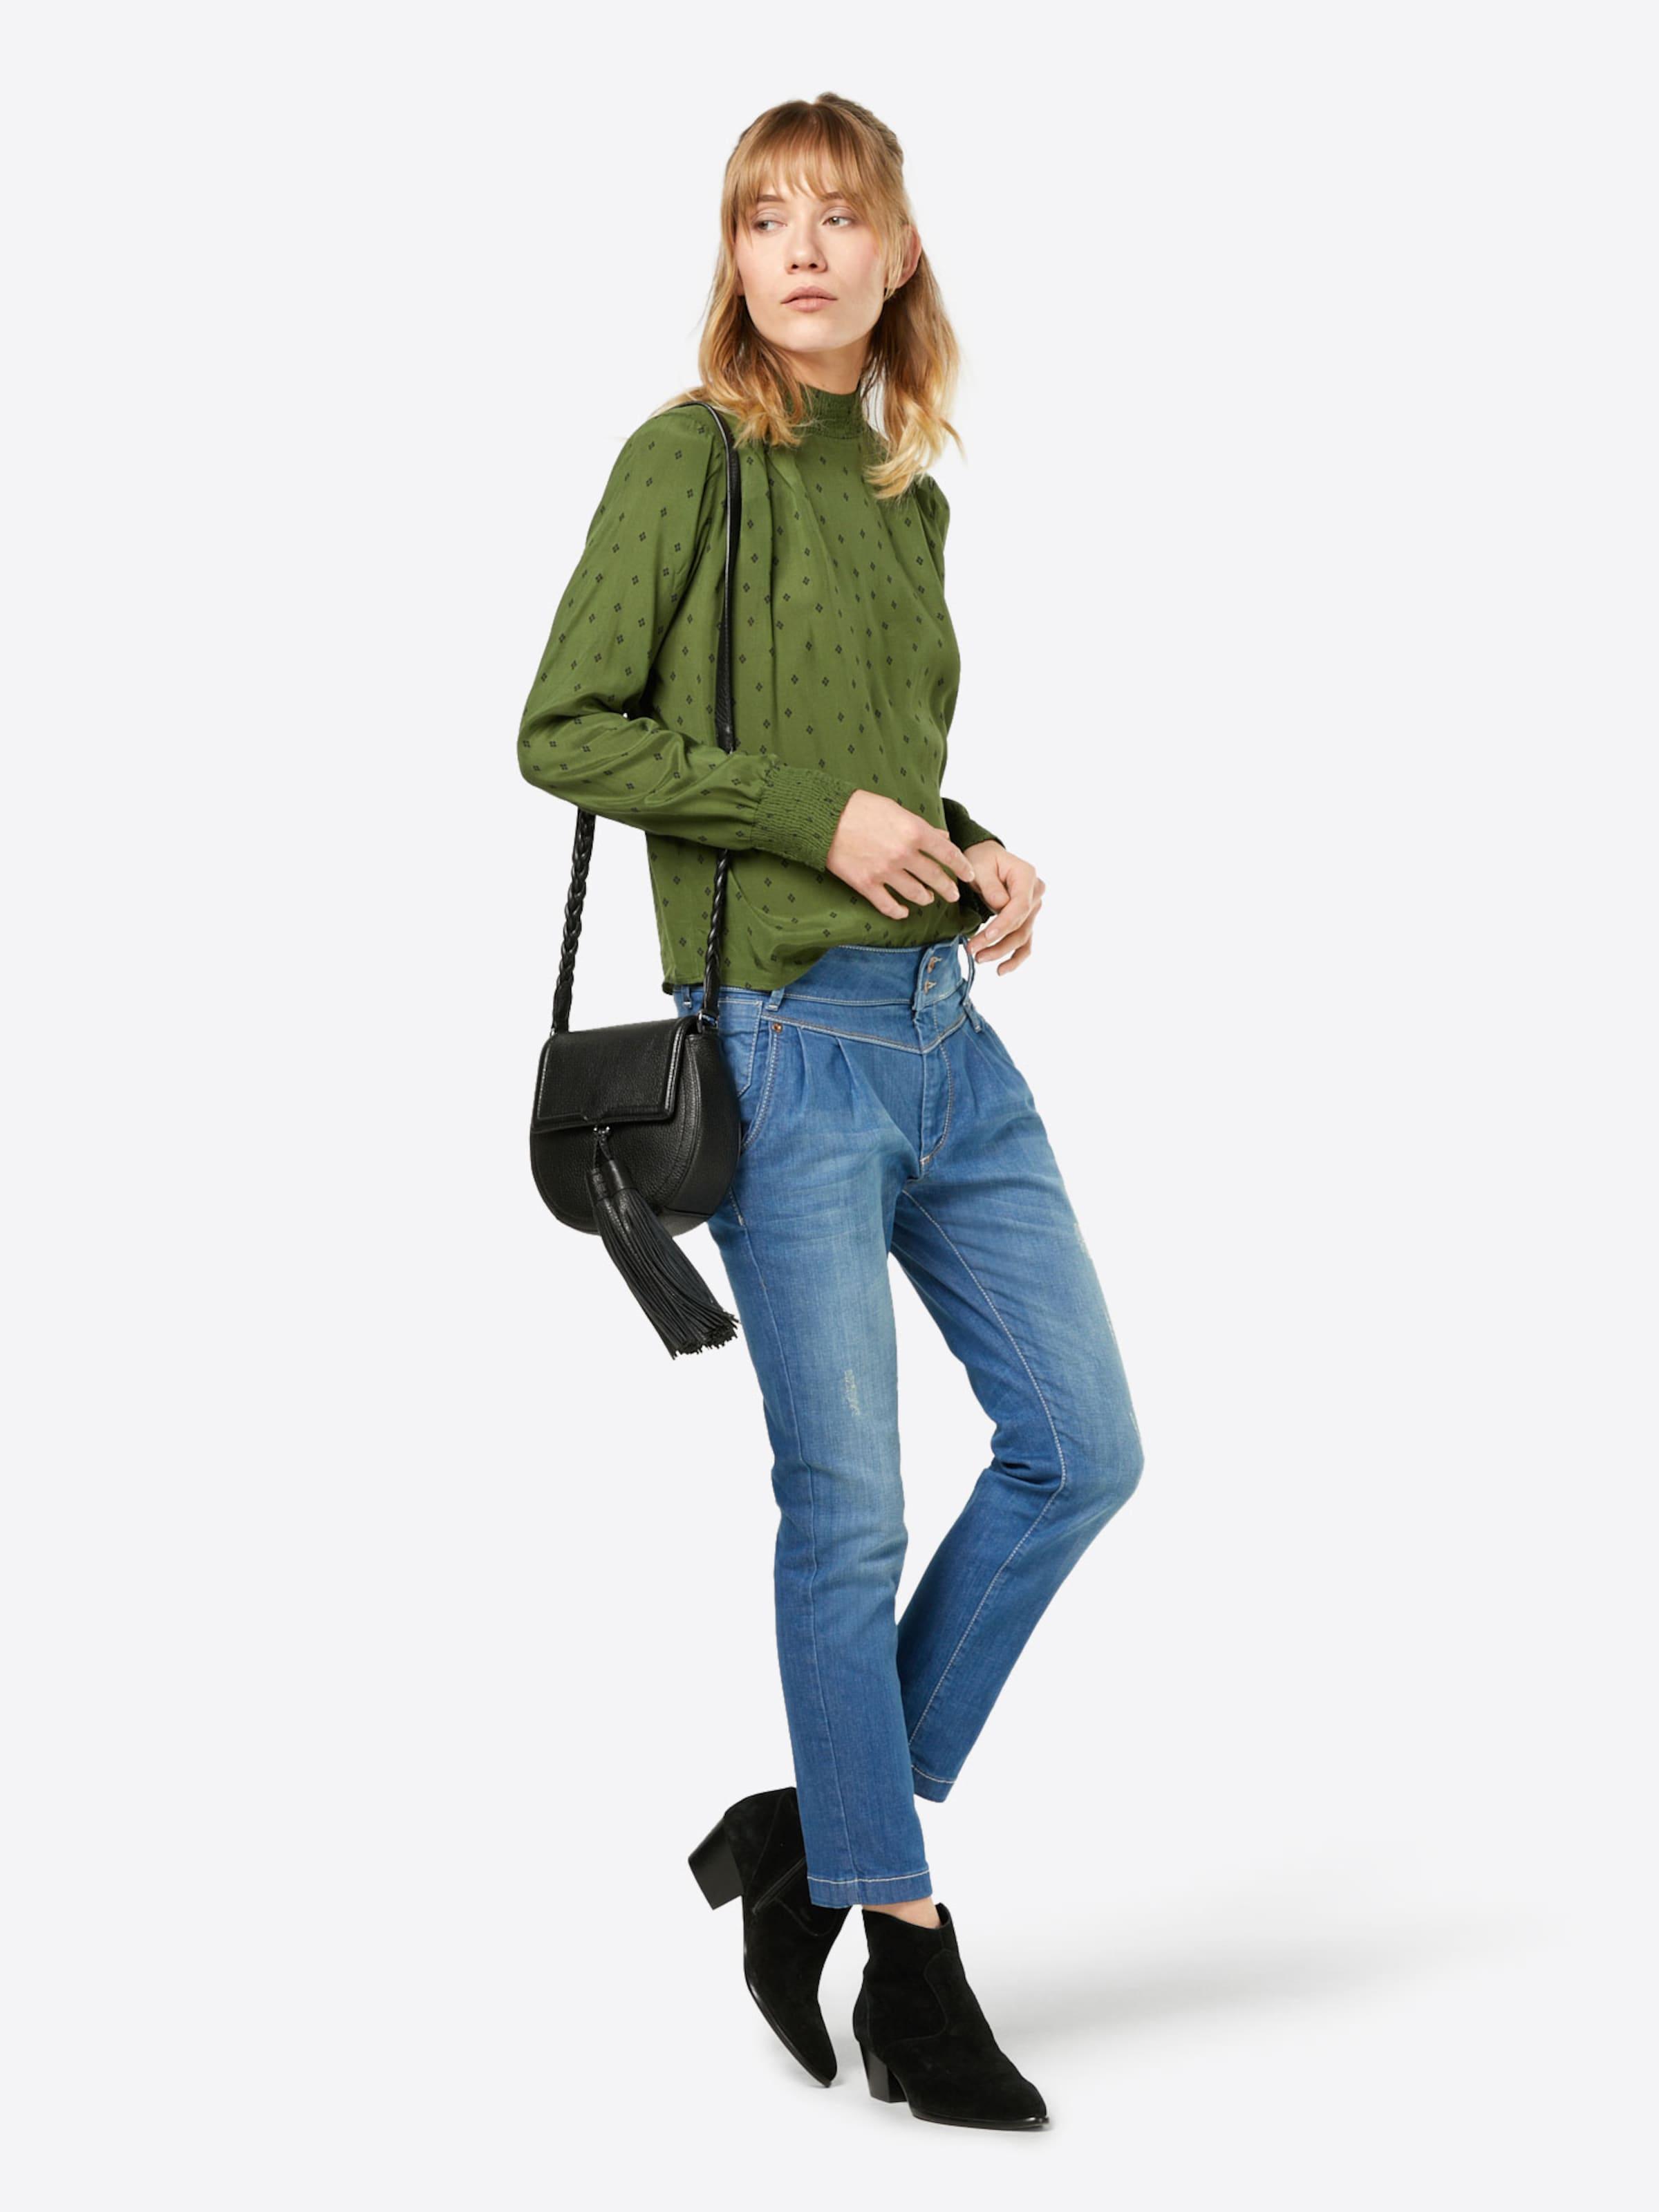 Offiziell Spielraum Brandneue Unisex ONLY Jeans 'onlLALA ANKLE JEANOS REA20716' Verkauf 100% Garantiert IO3eIq